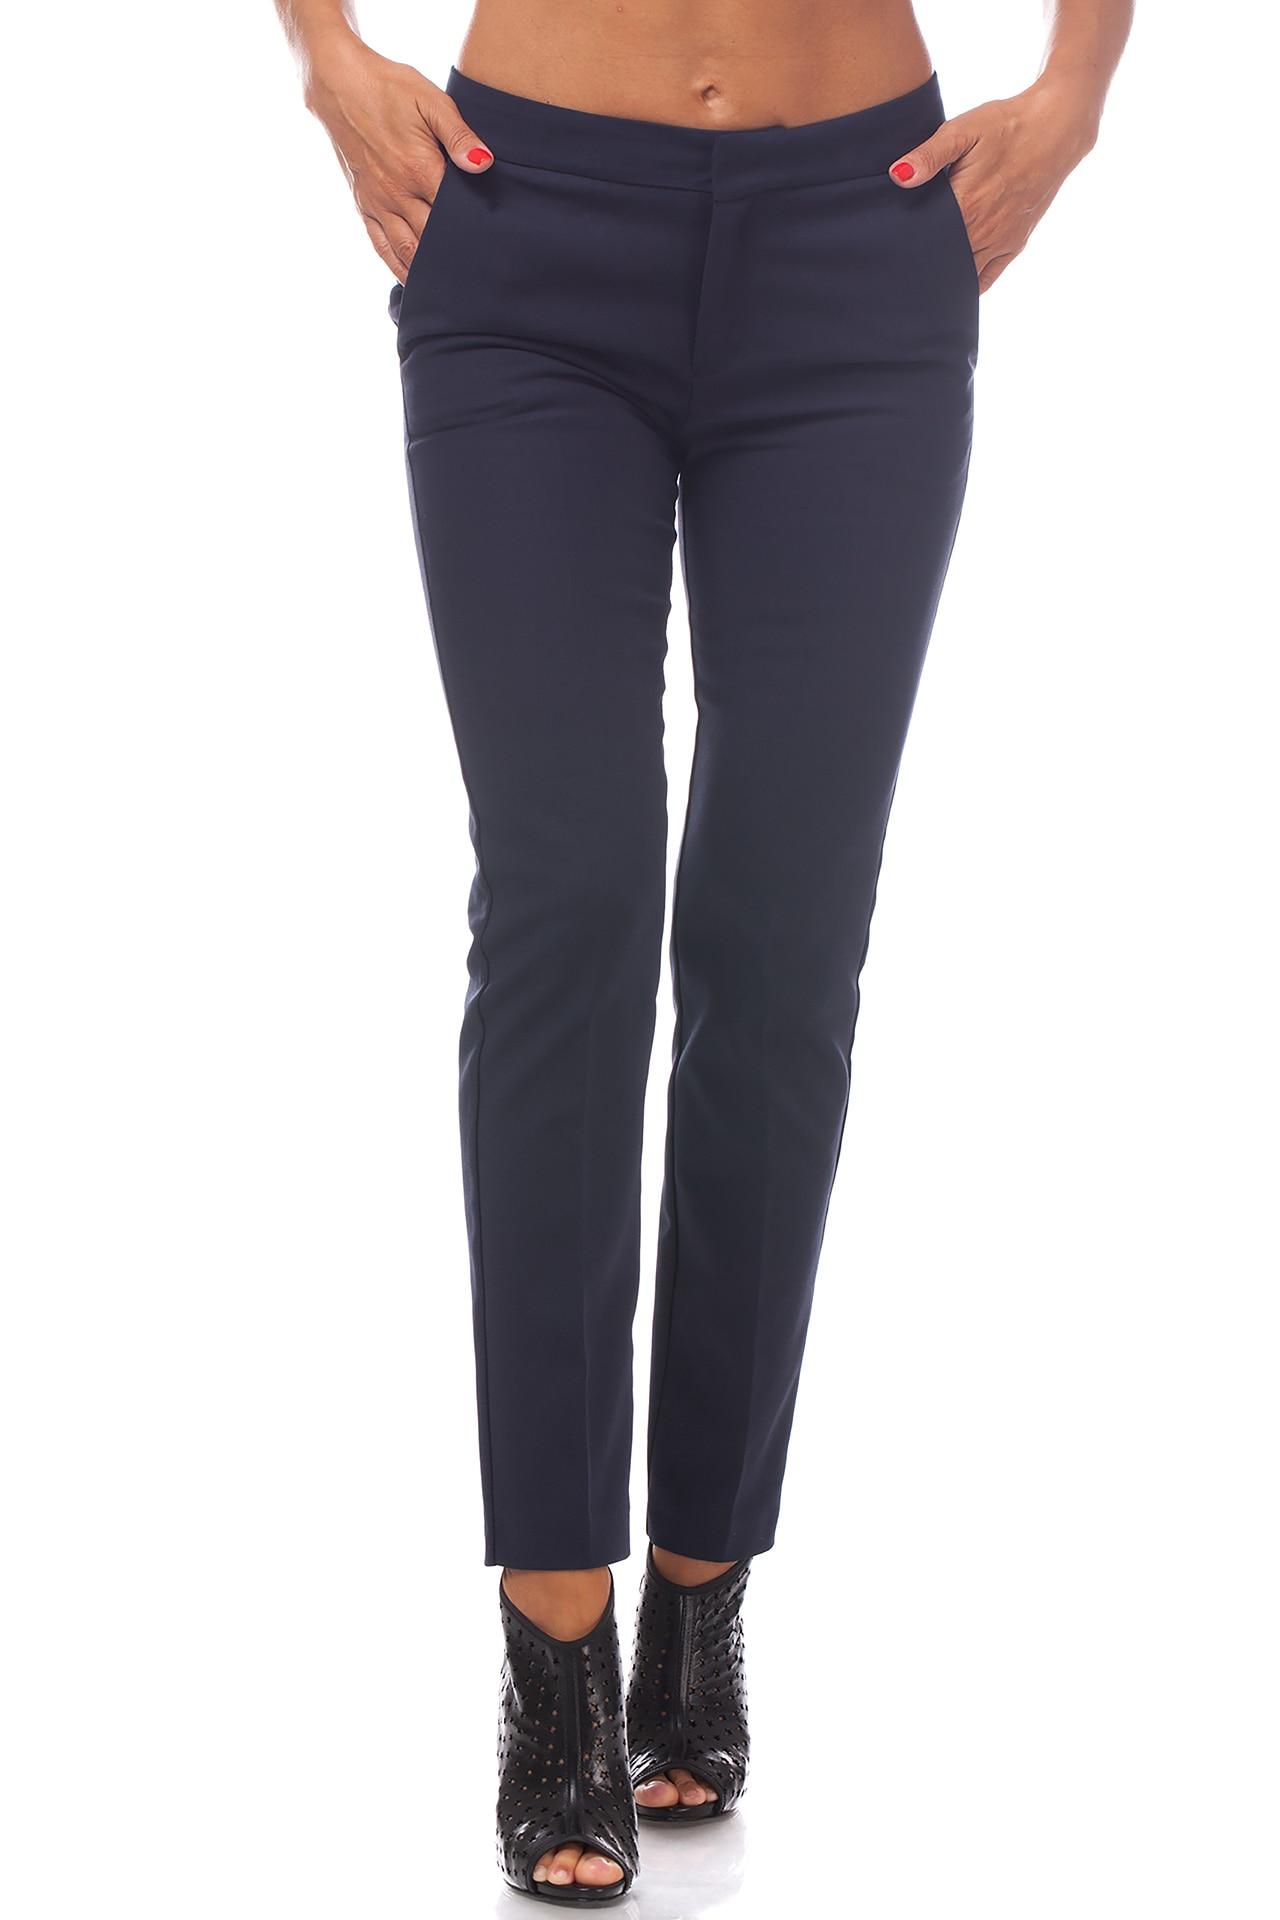 nouă cel mai bun serviciu preturi ieftine Pantaloni Bleumarin Dama